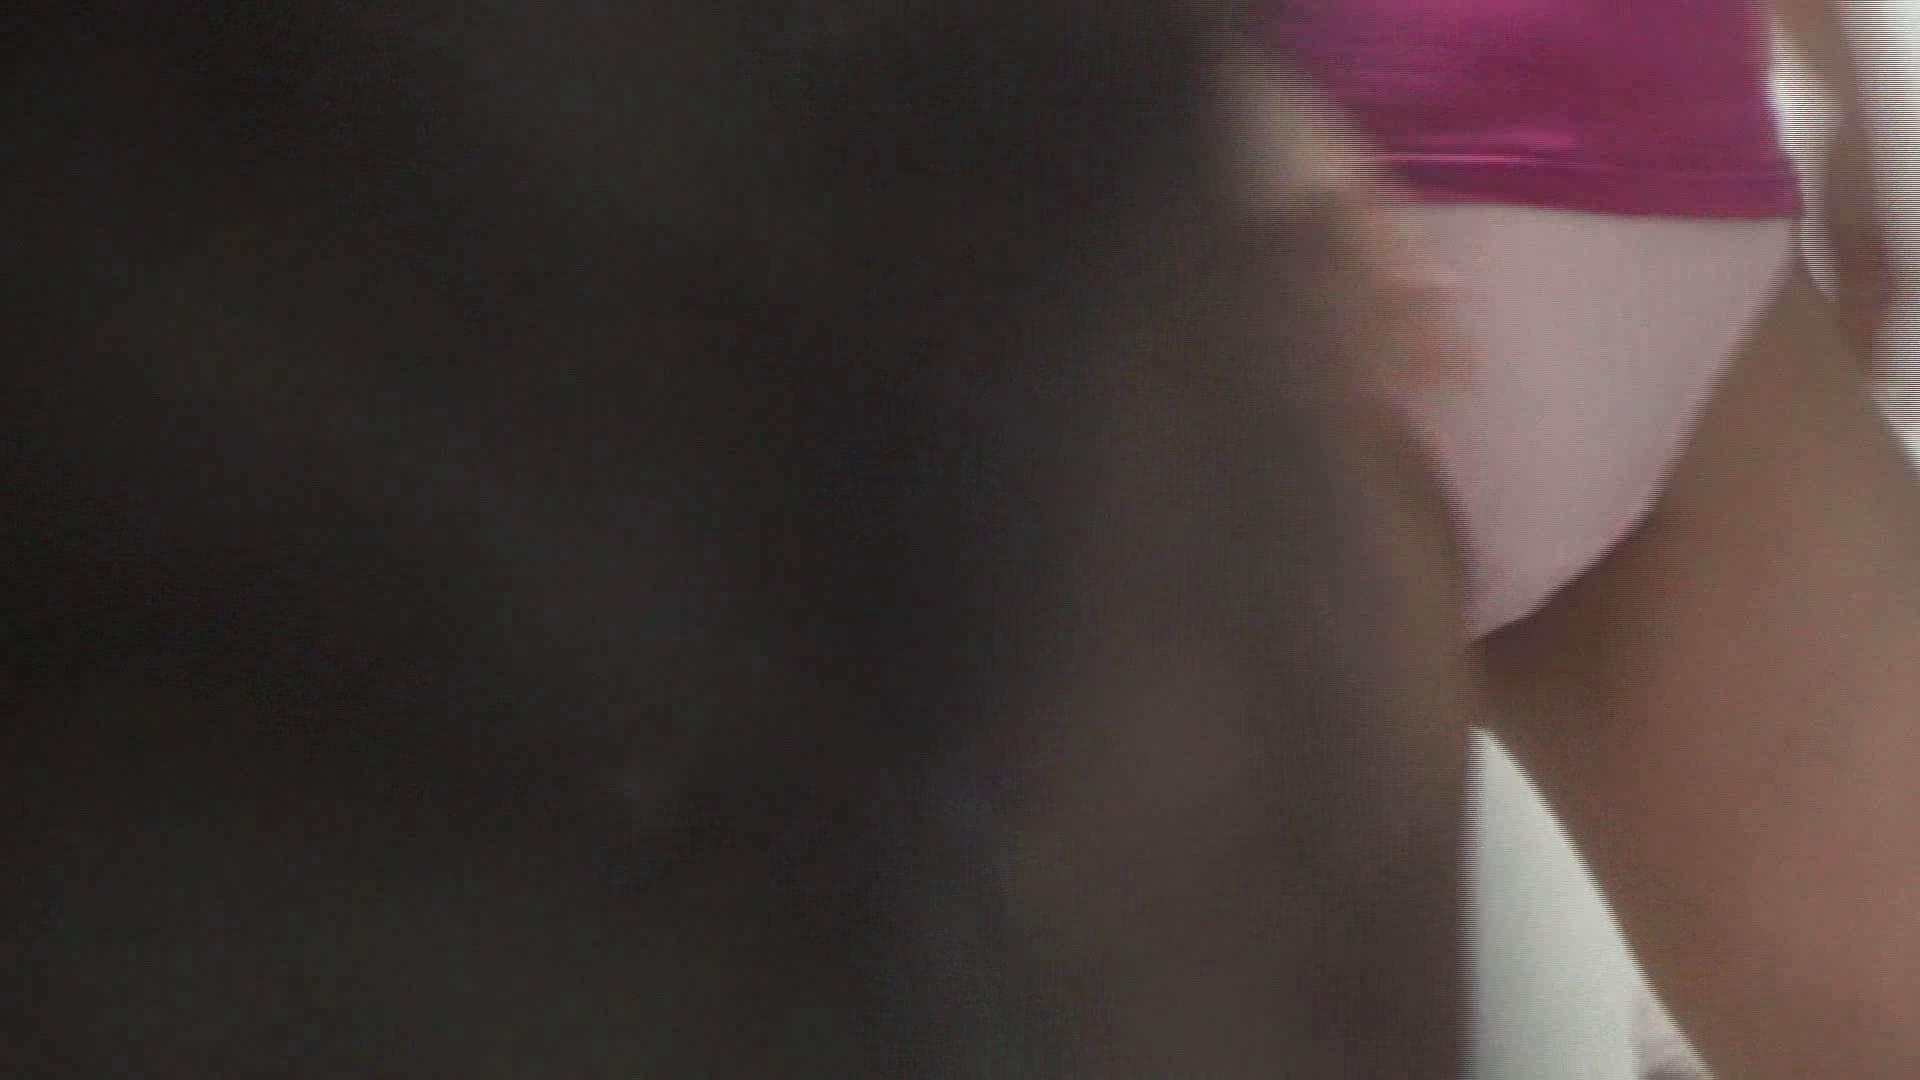 【05】仕事が忙しくて・・・久しぶりにベランダで待ち伏せ 盗撮  59PIX 4